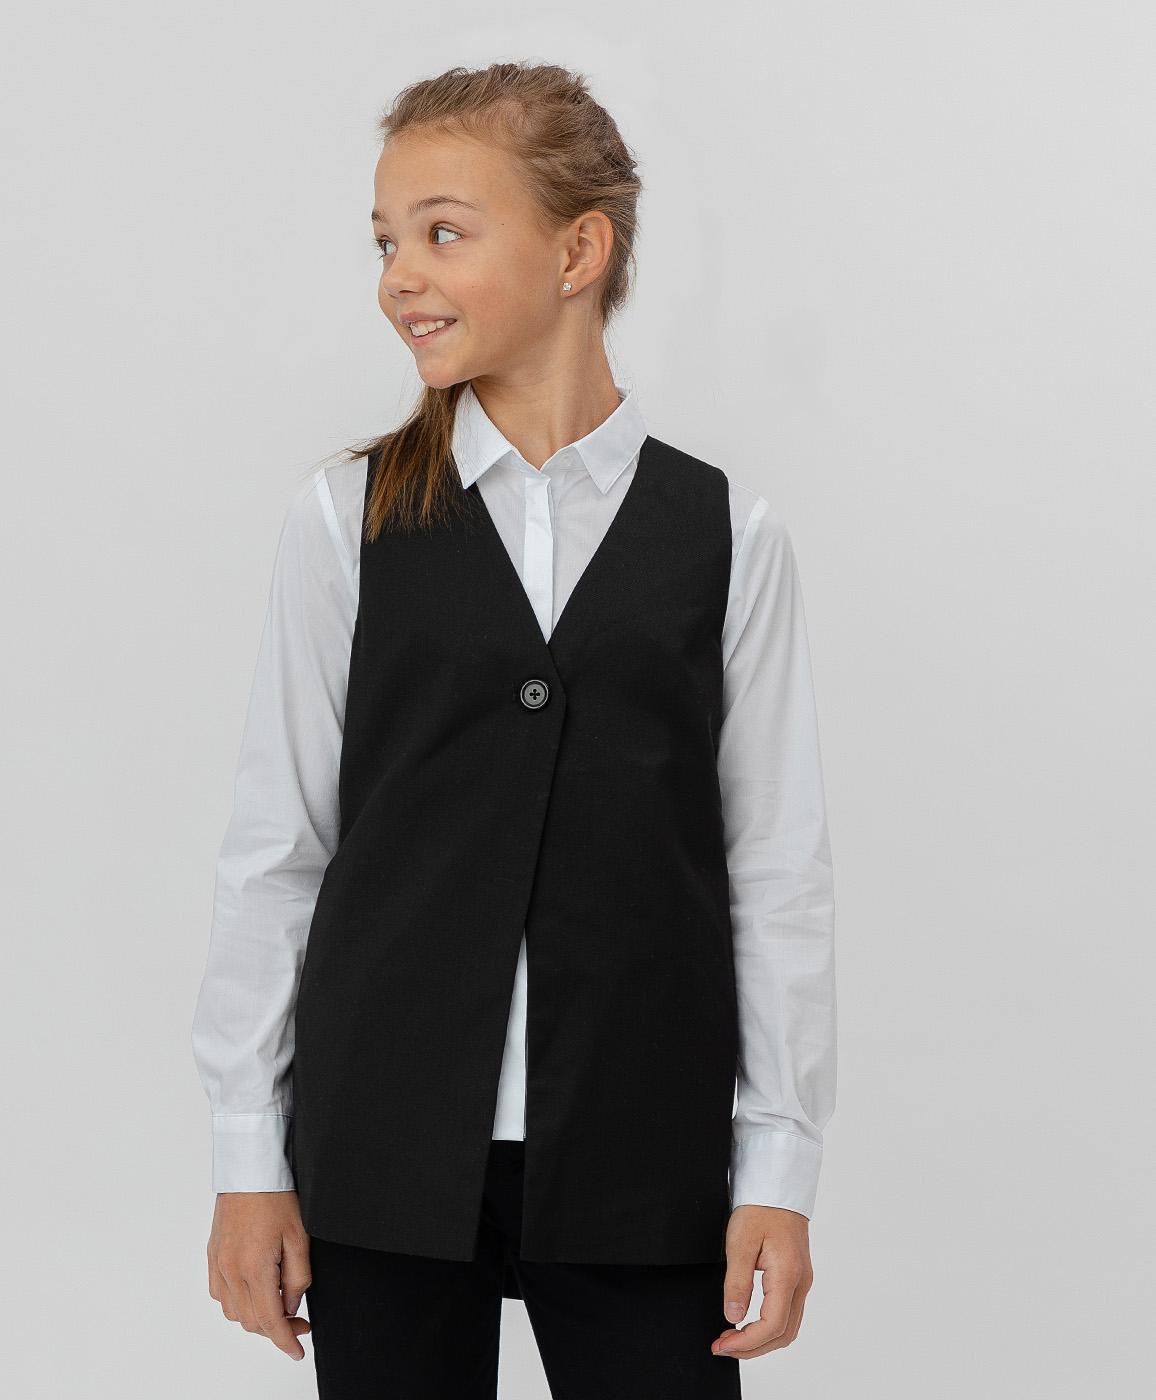 Купить 220BBGS47020800, Черный удлиненный жилет Button Blue, черный, 158, Текстиль, Женский, Демисезон, ШКОЛЬНАЯ ФОРМА 2020-2021 (shop: GulliverMarket Gulliver Market)